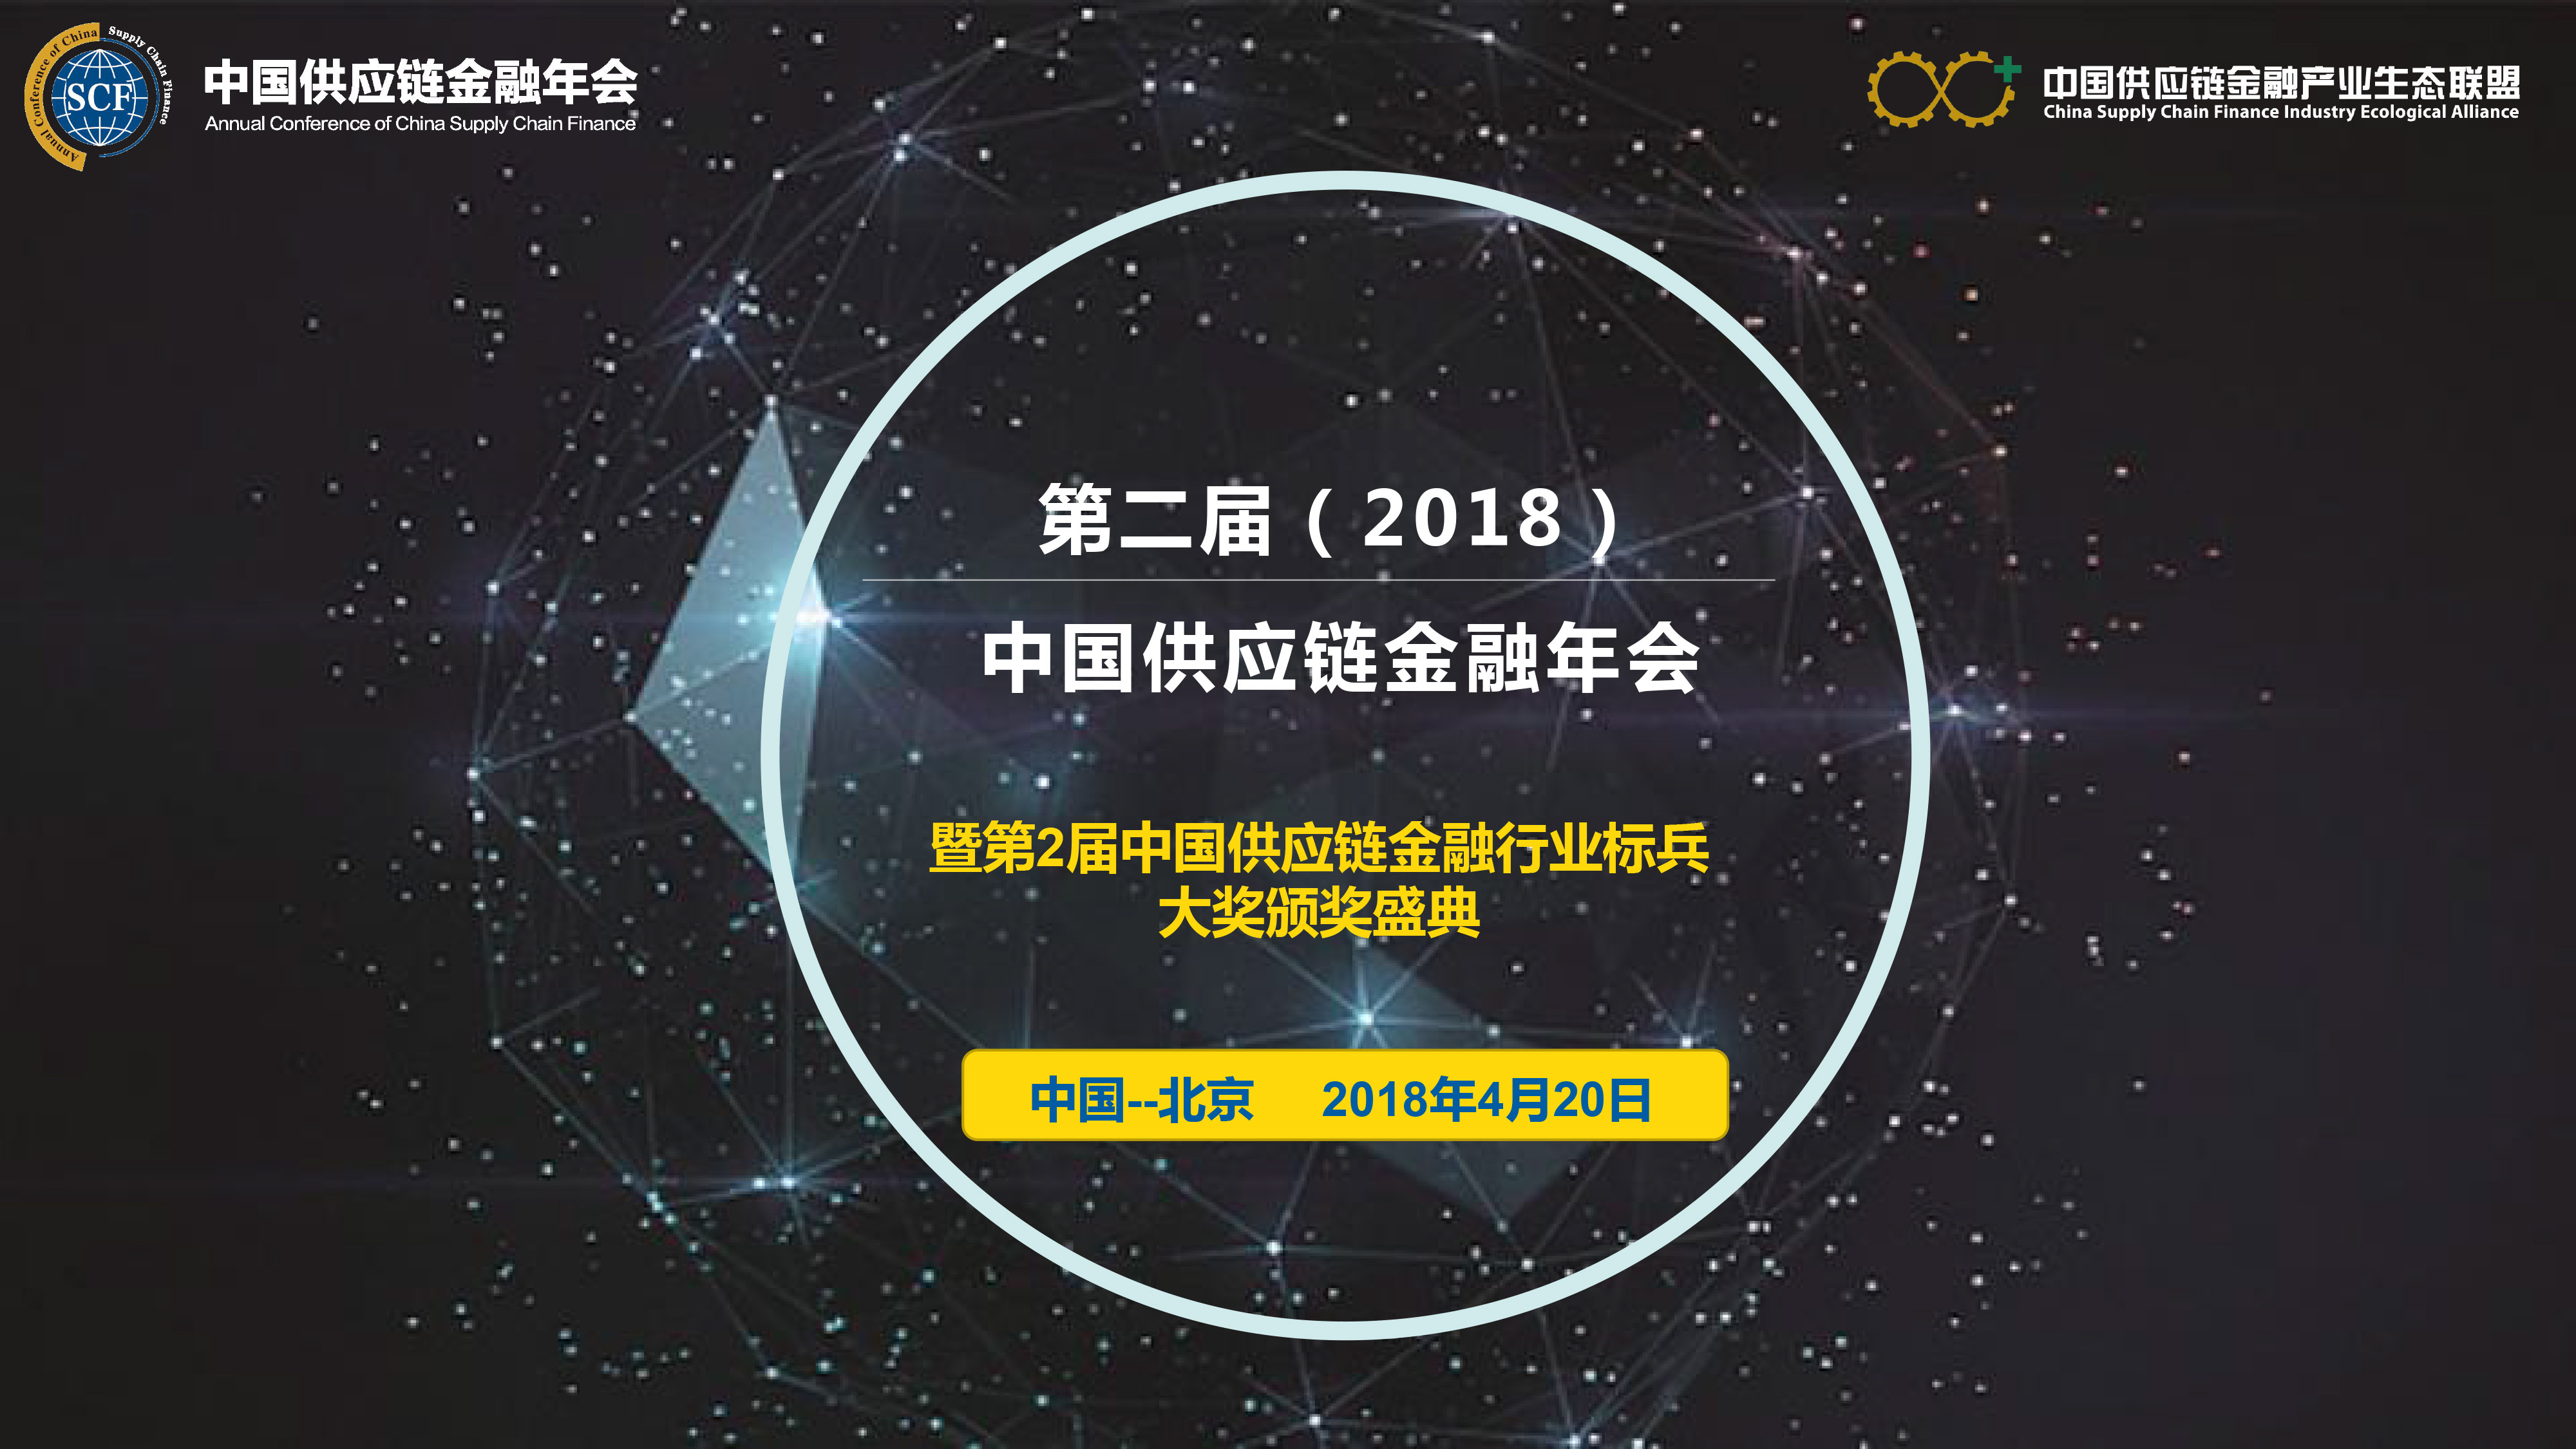 第二届(2018)中国供应链金融年会